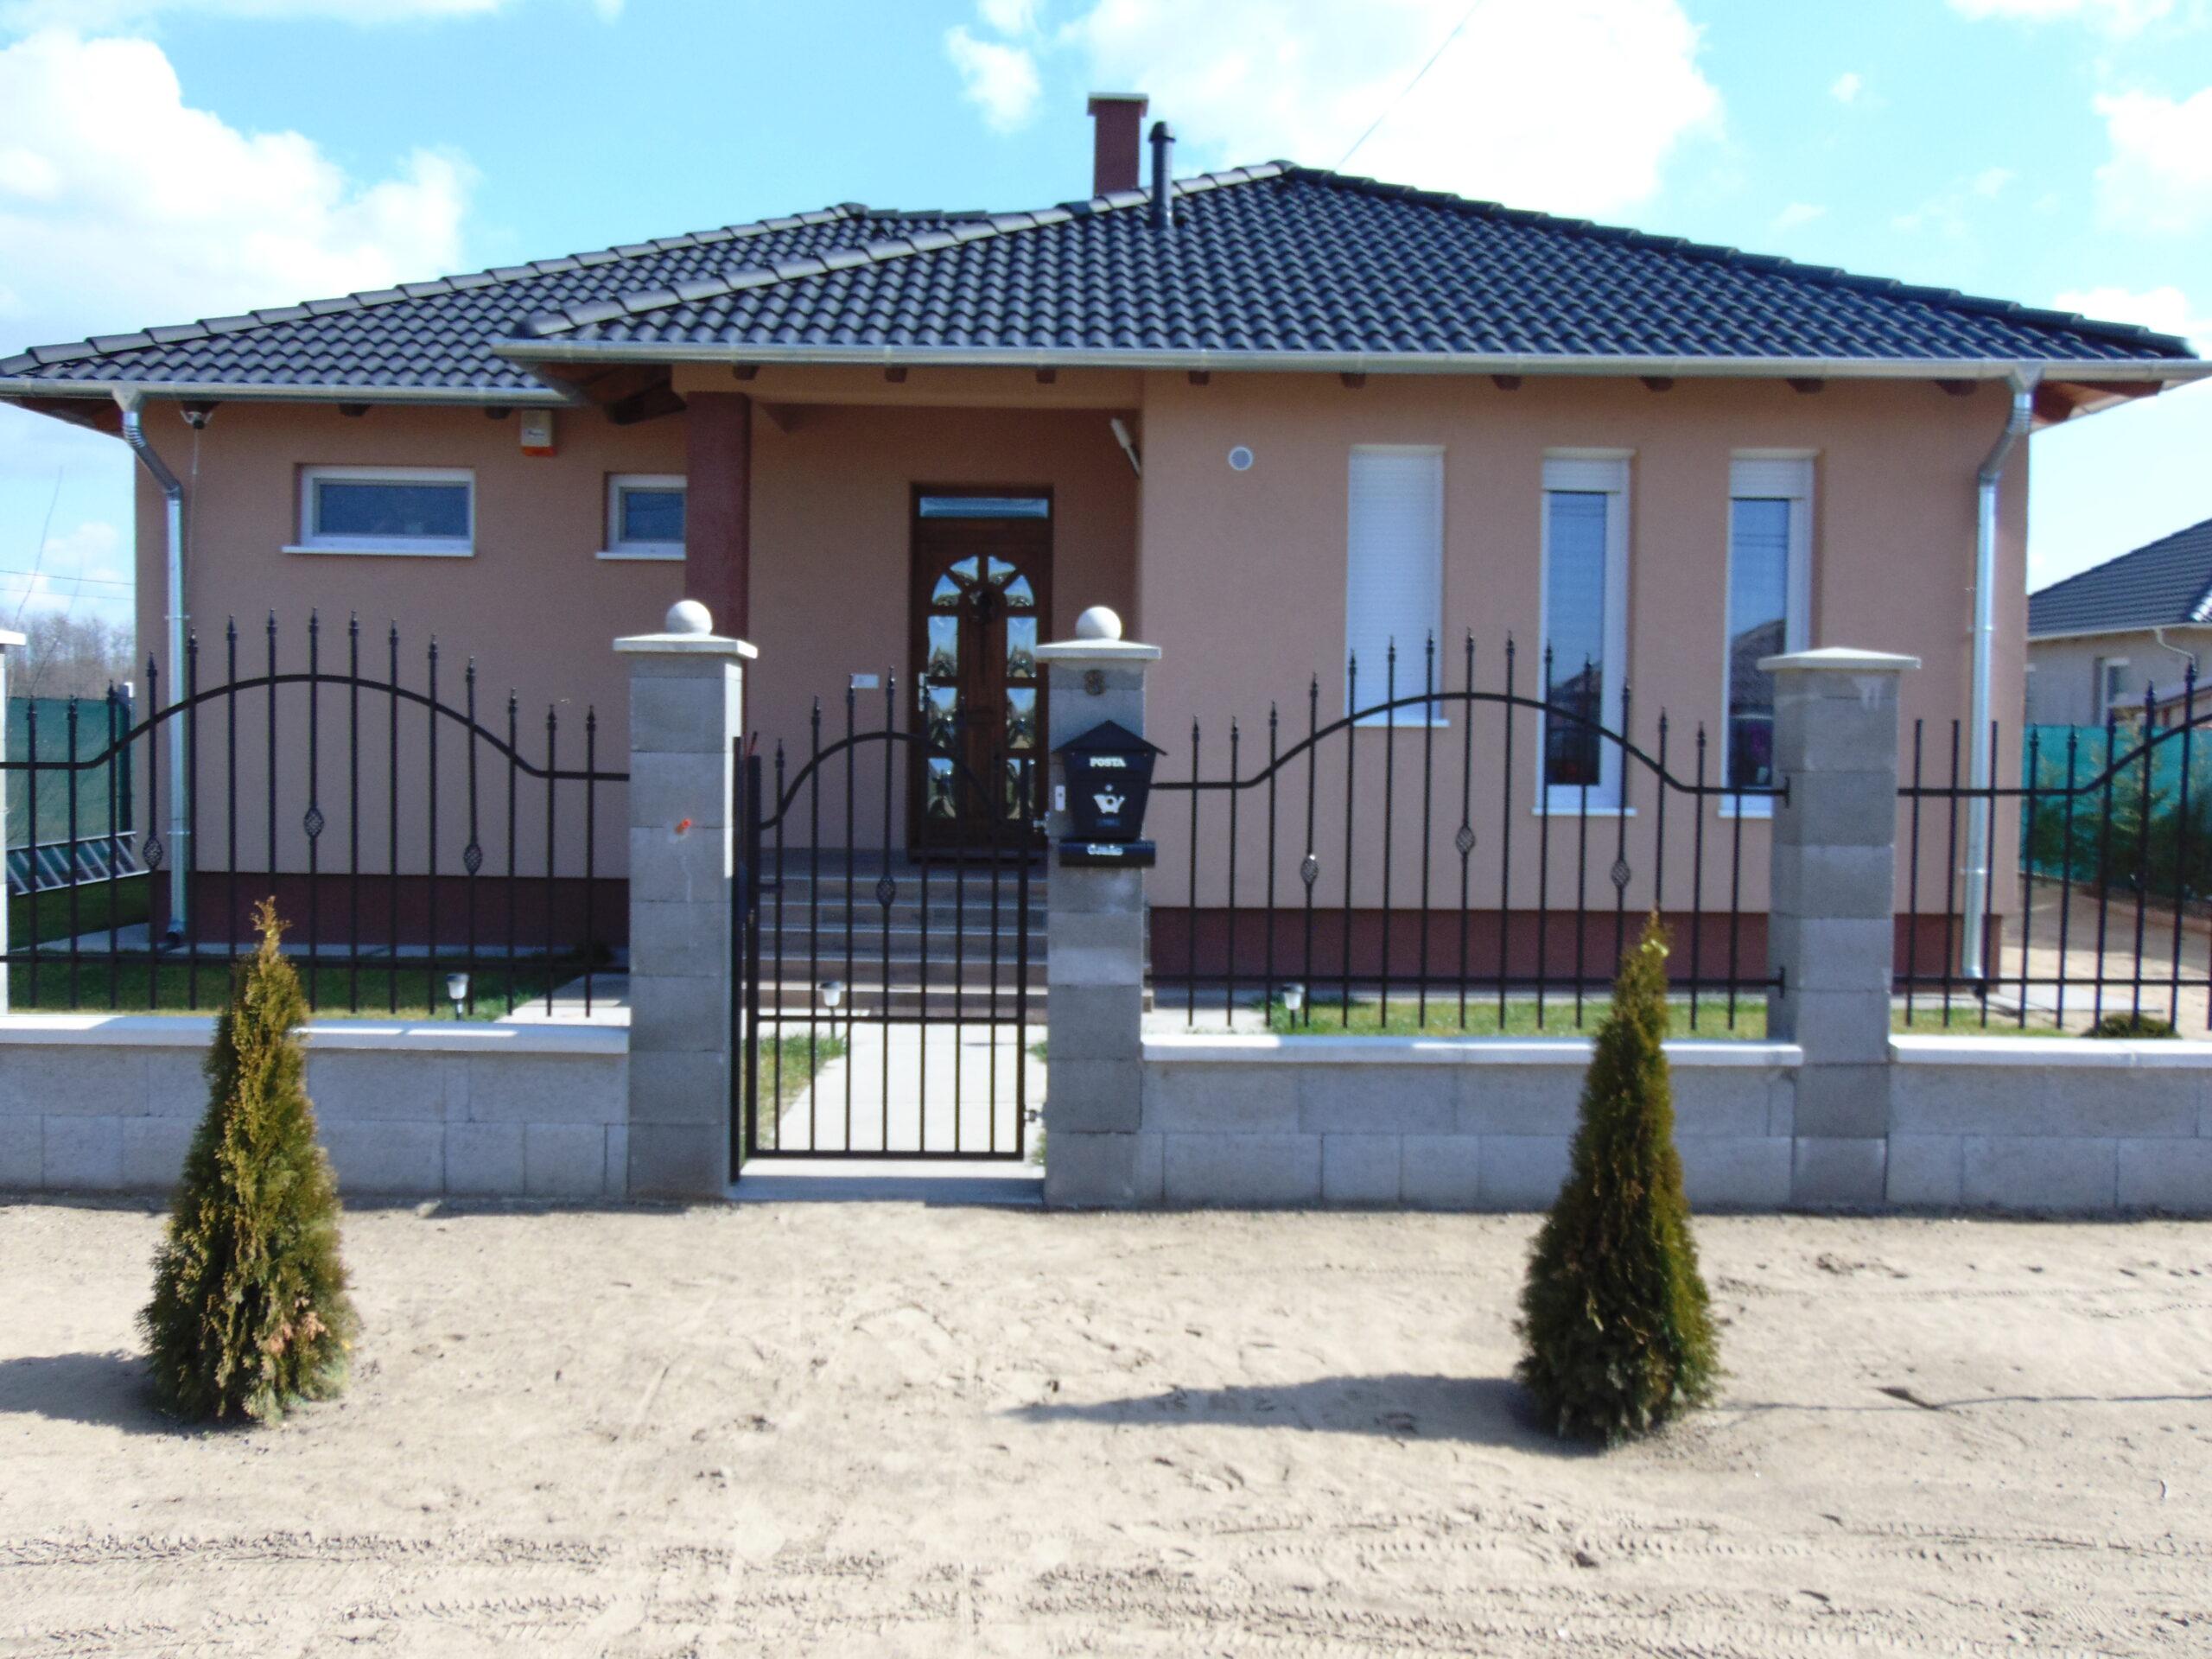 Kecskemét Ballószögön megrendelhető egy 73 m²-es családi ház, saját telekre, napelemmel!